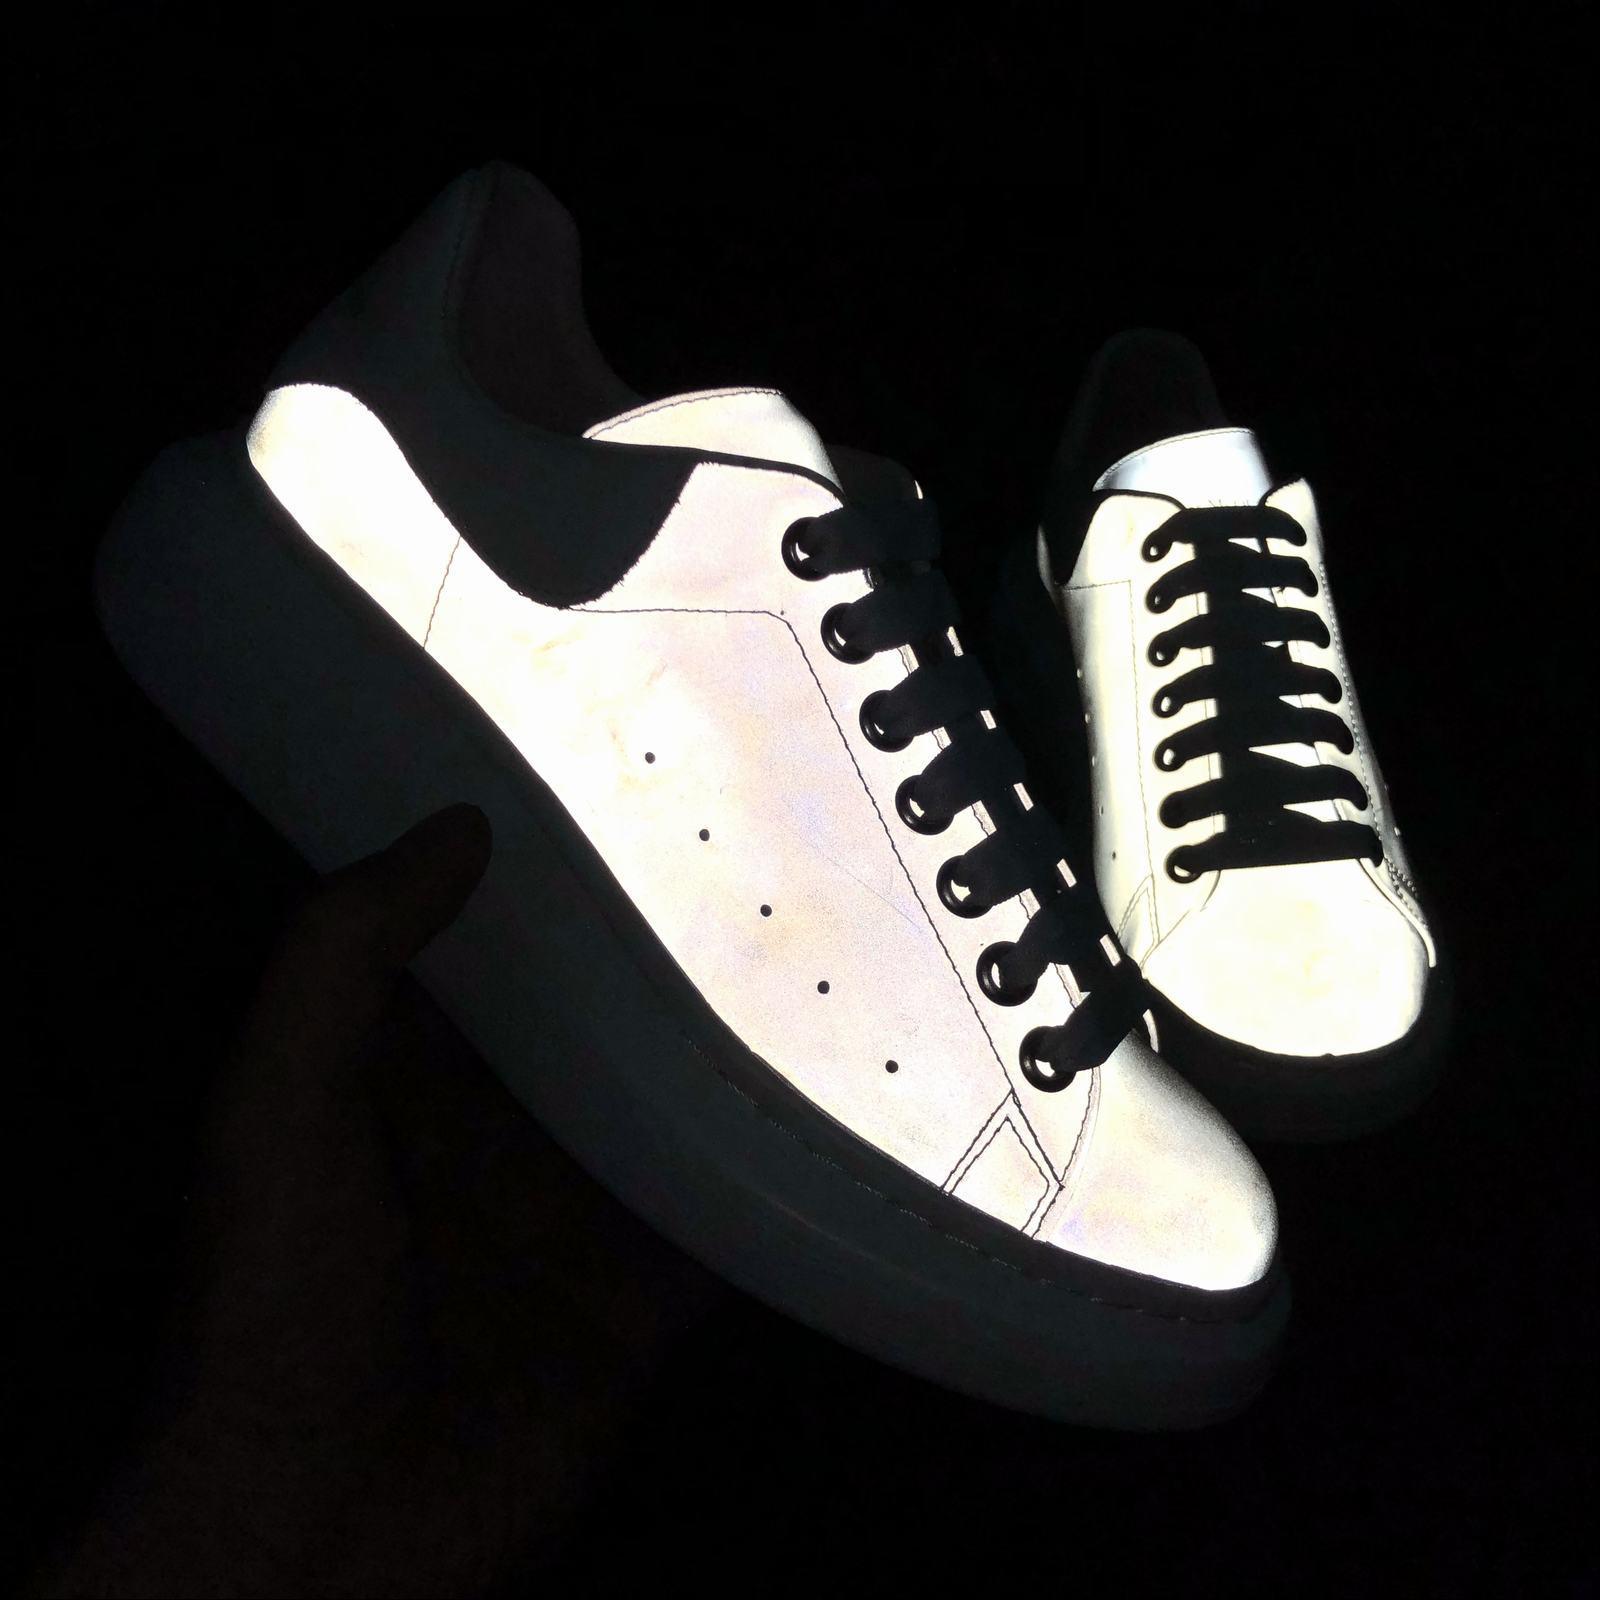 Acquisti Online 2 Sconti su Qualsiasi Caso reflective scarpe